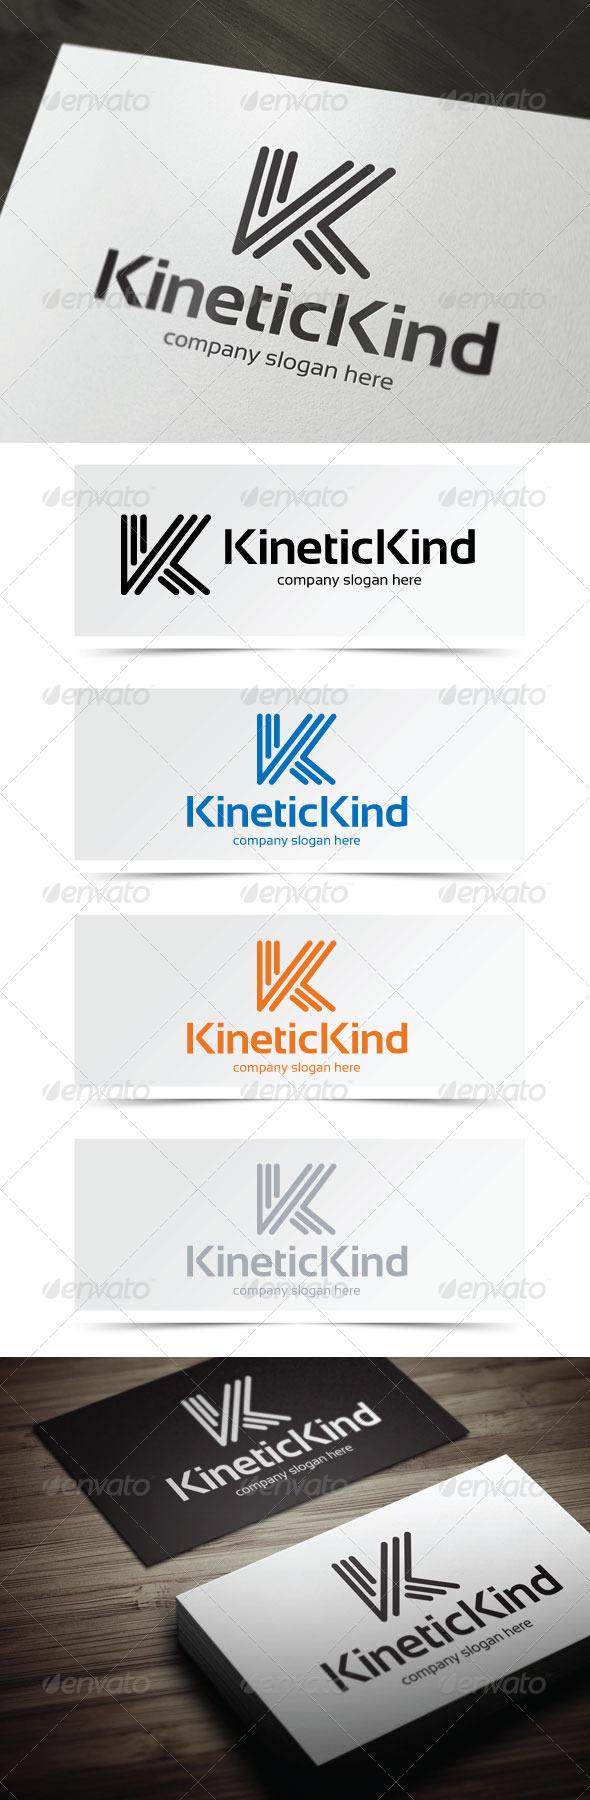 Kinetic Kind